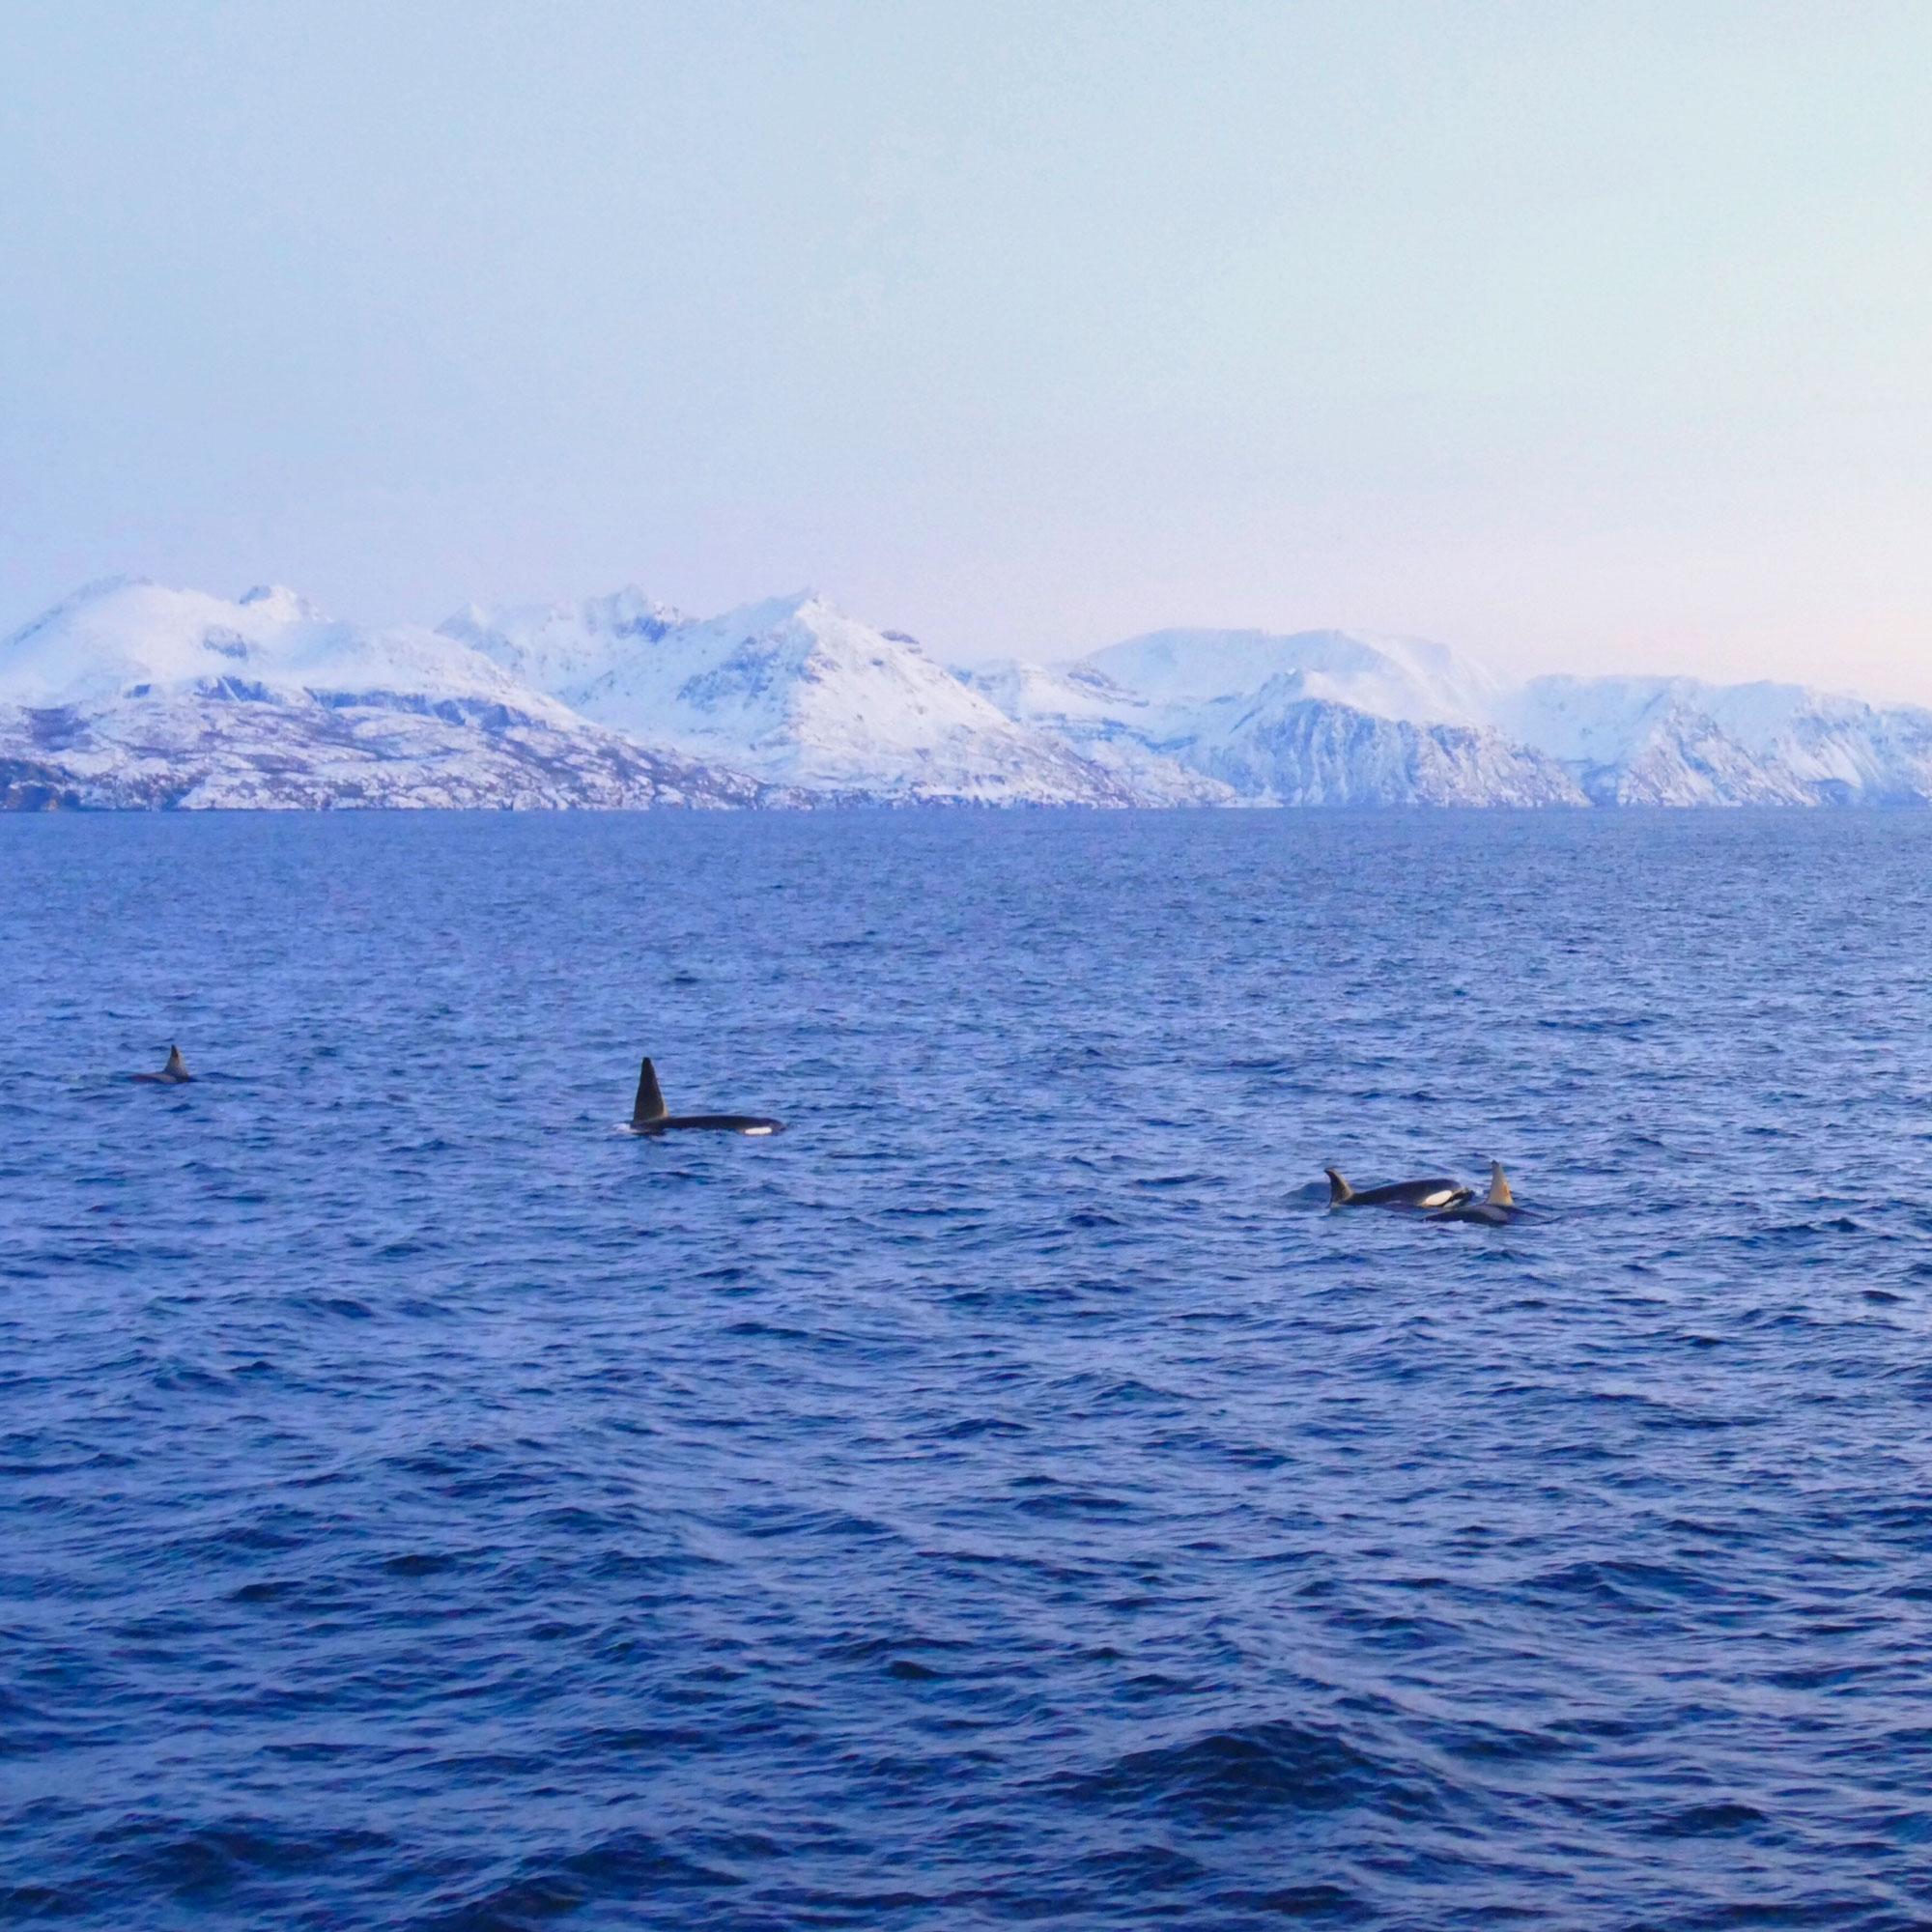 norwegen-wale-orcas-03.jpg